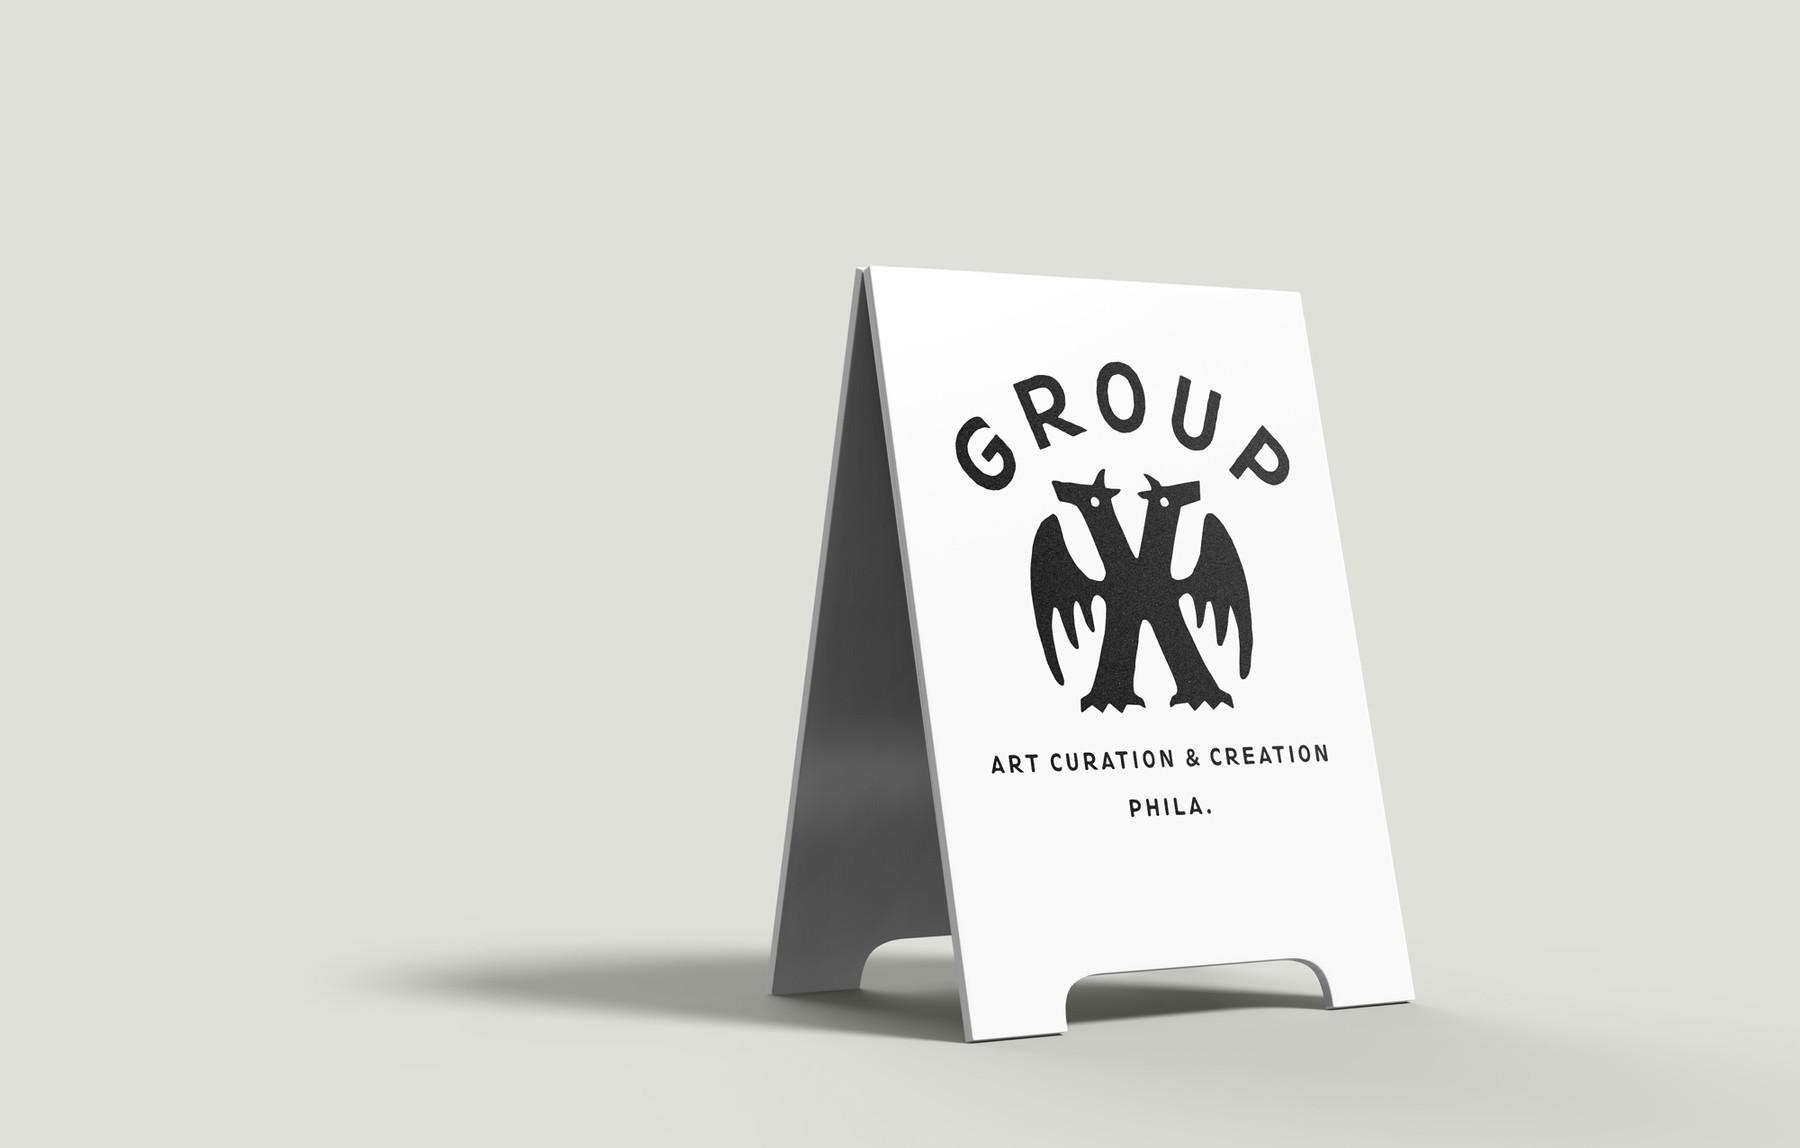 group_x_sandwich_board.jpg